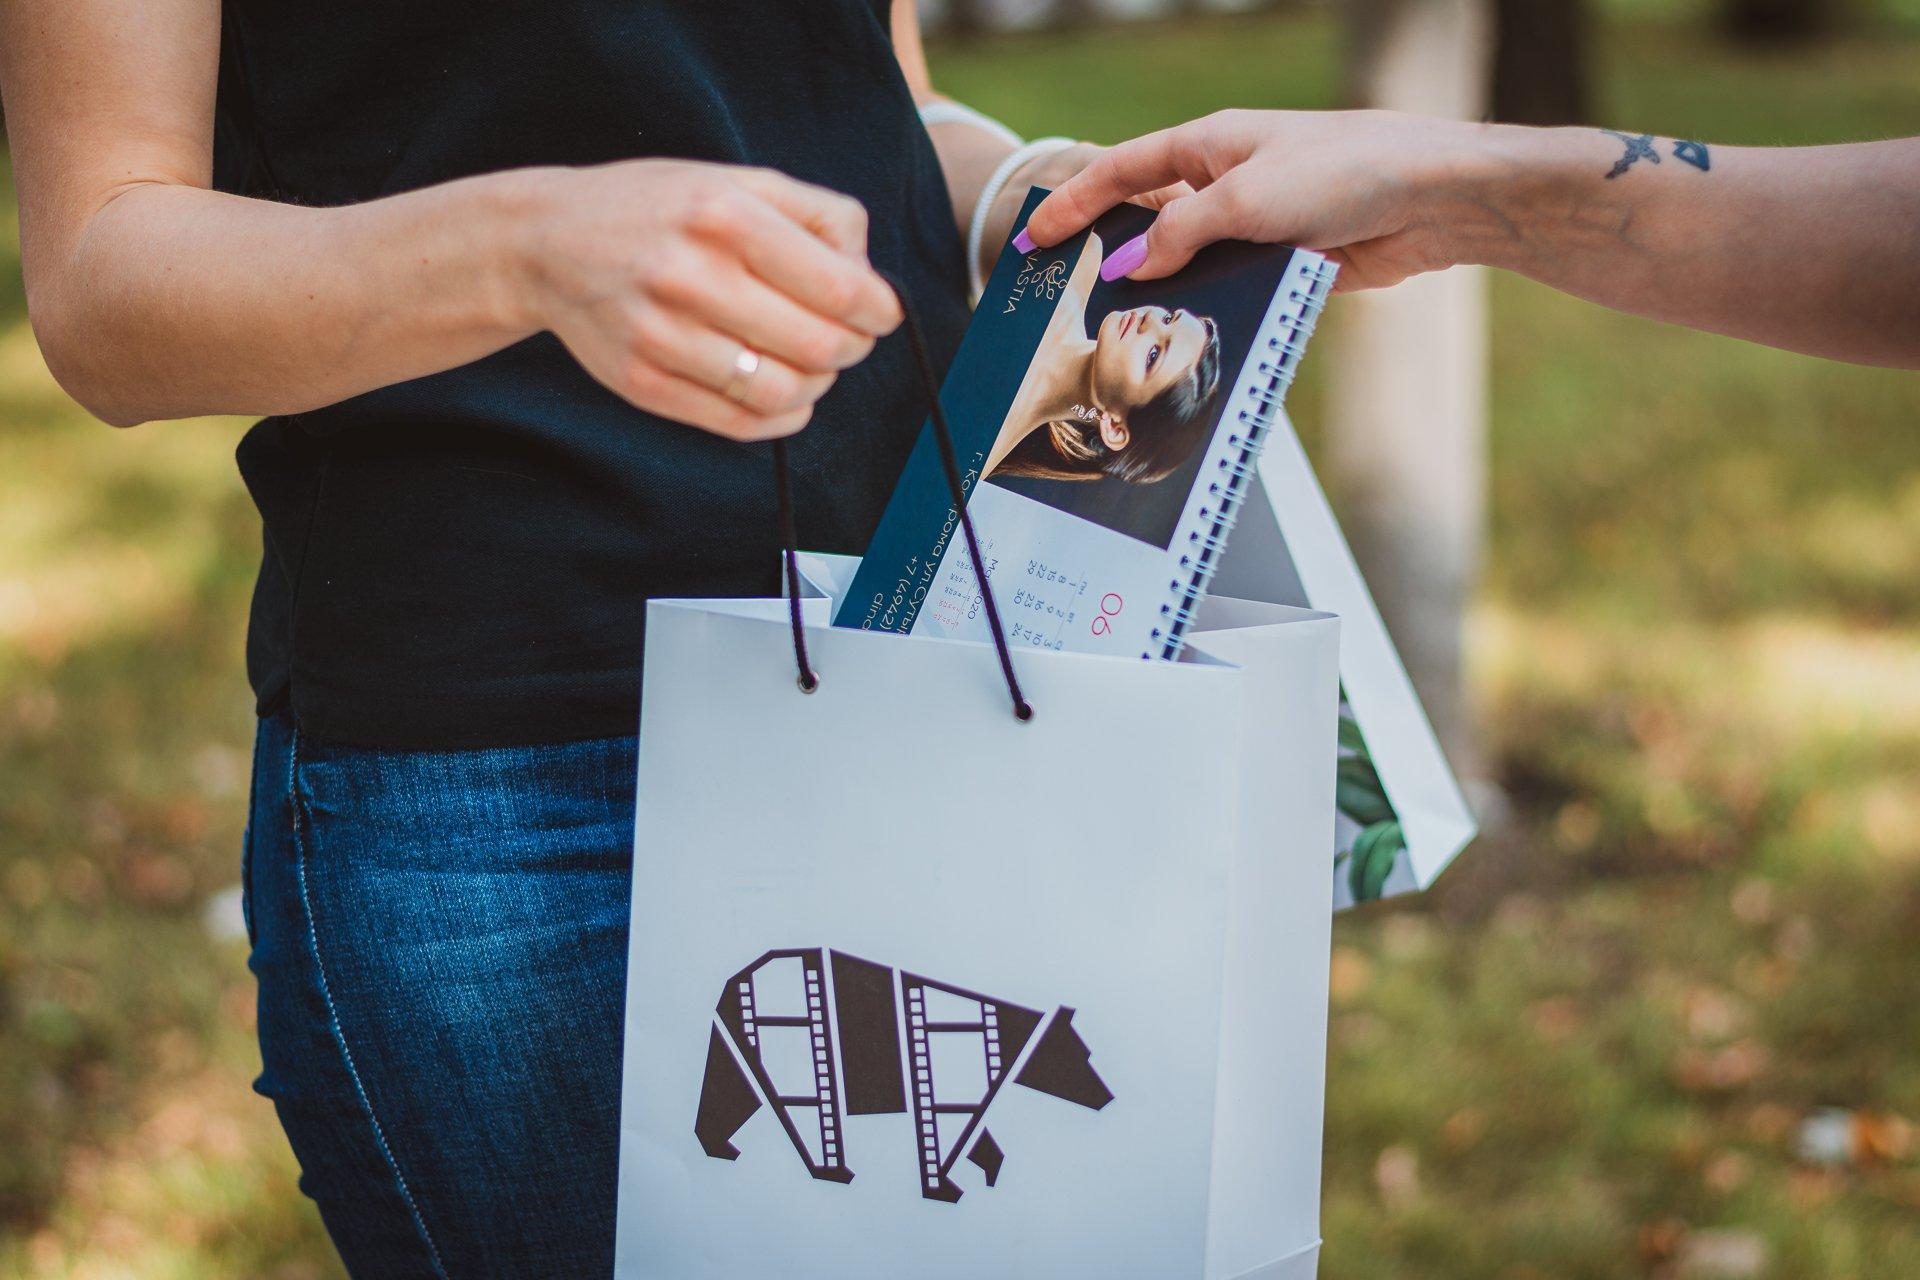 Встречают по коробке: как упаковать корпоративные подарки